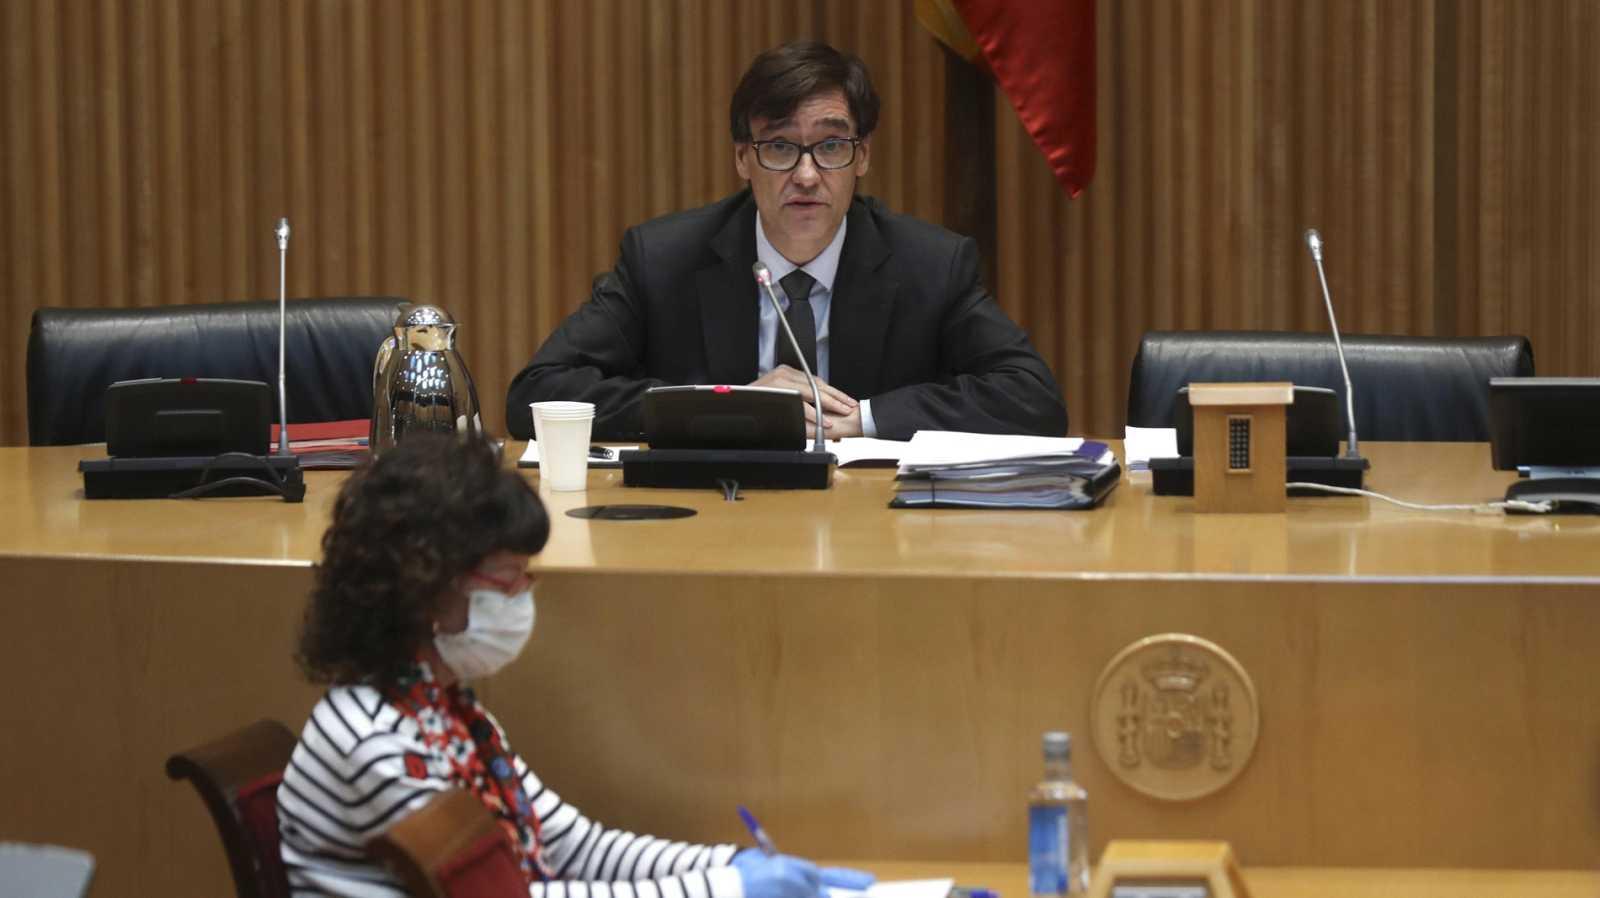 La oposición critica al Gobierno por los datos de fallecidos con coronavirus y Sanidad asegura que siguen los criterios de la OMS